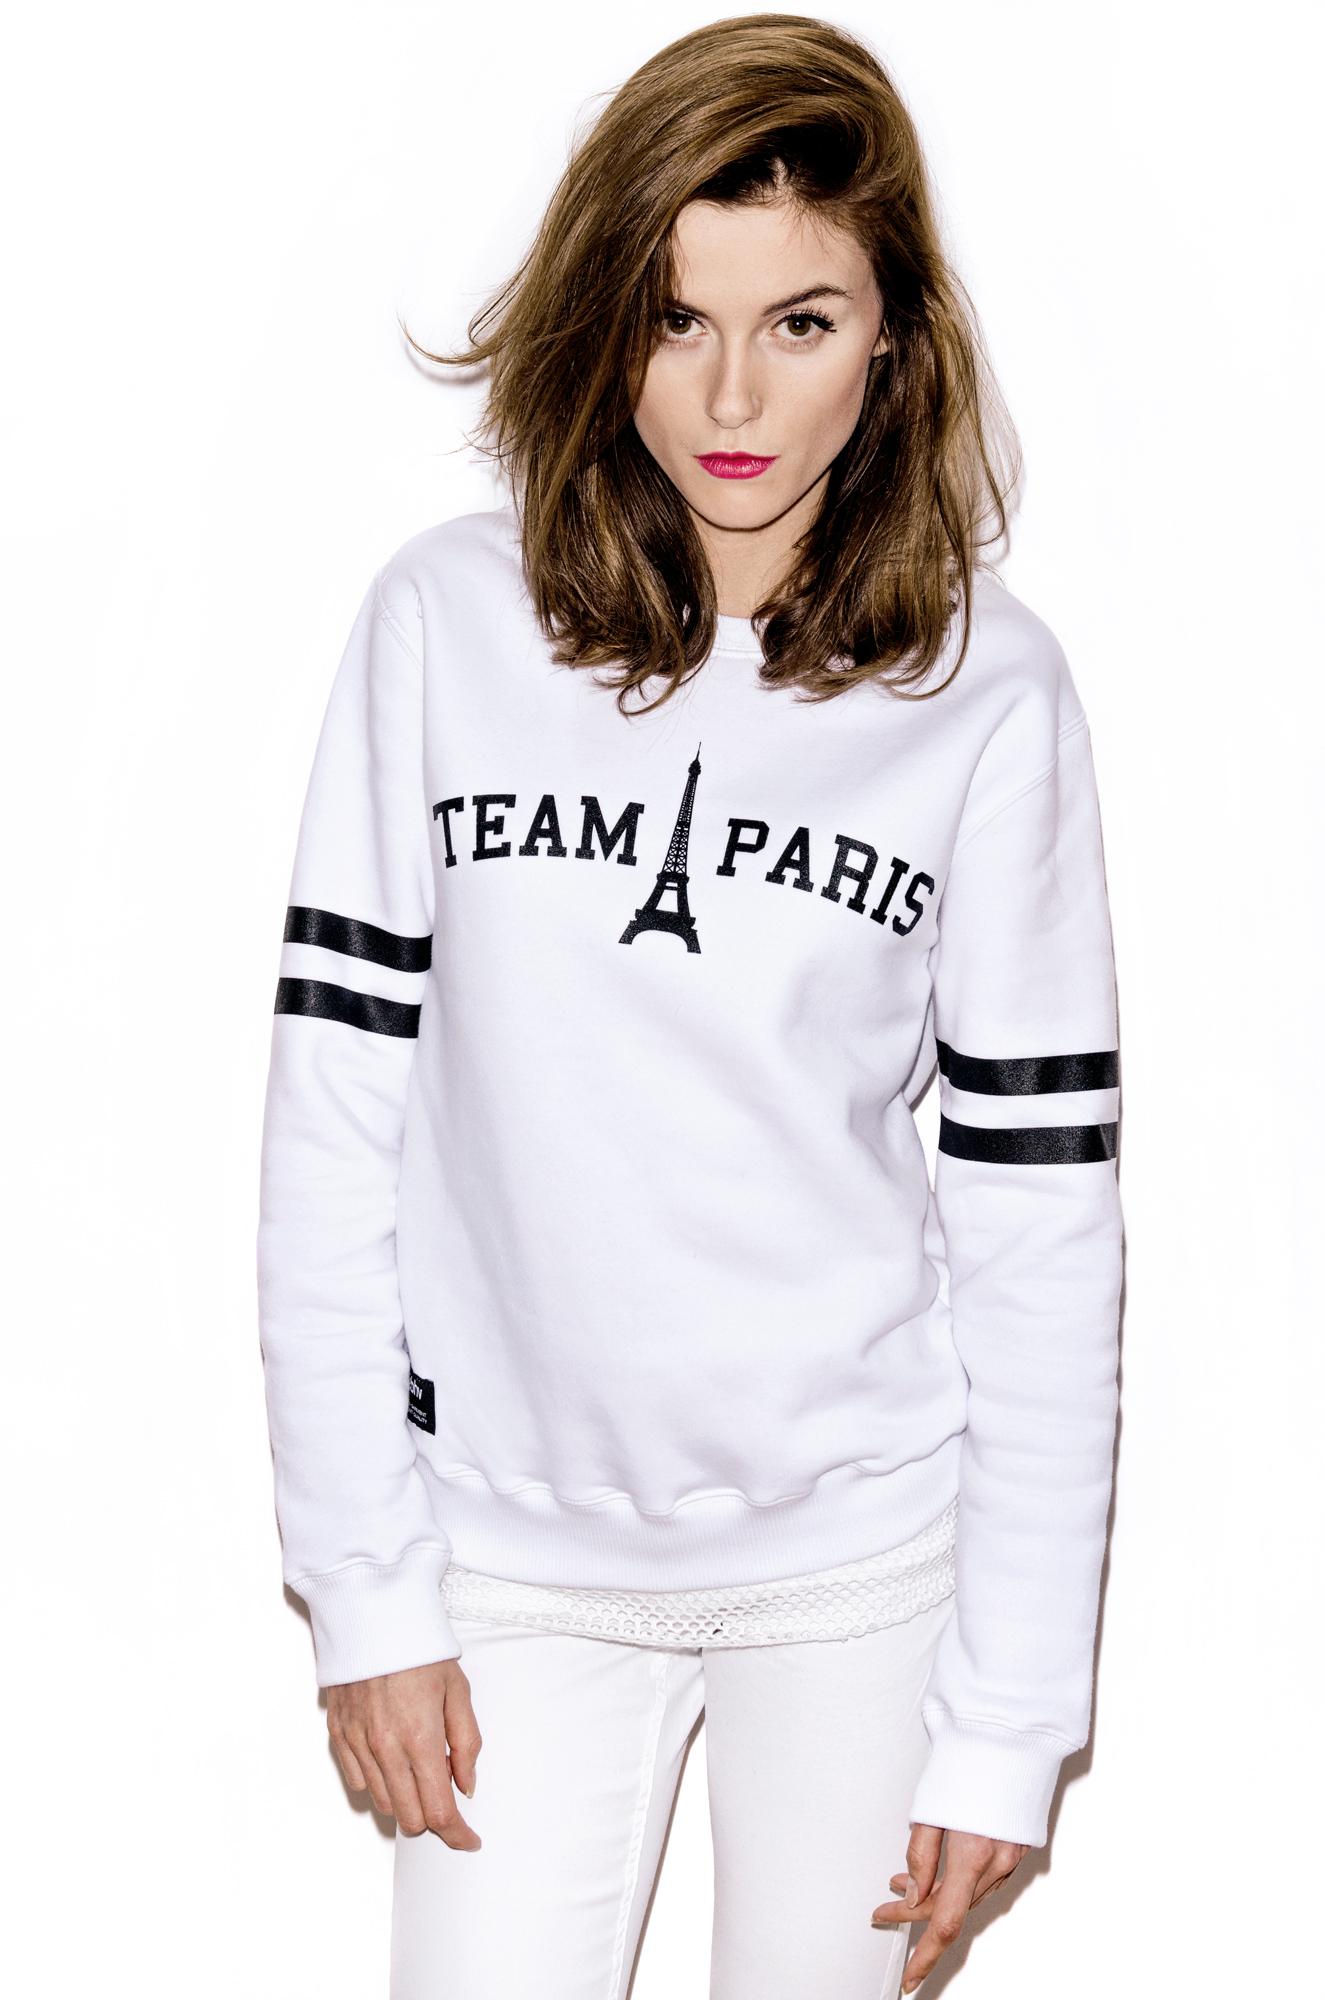 TEAM PARIS SWEATSHIRT WHITE  x MISBEHAVE!